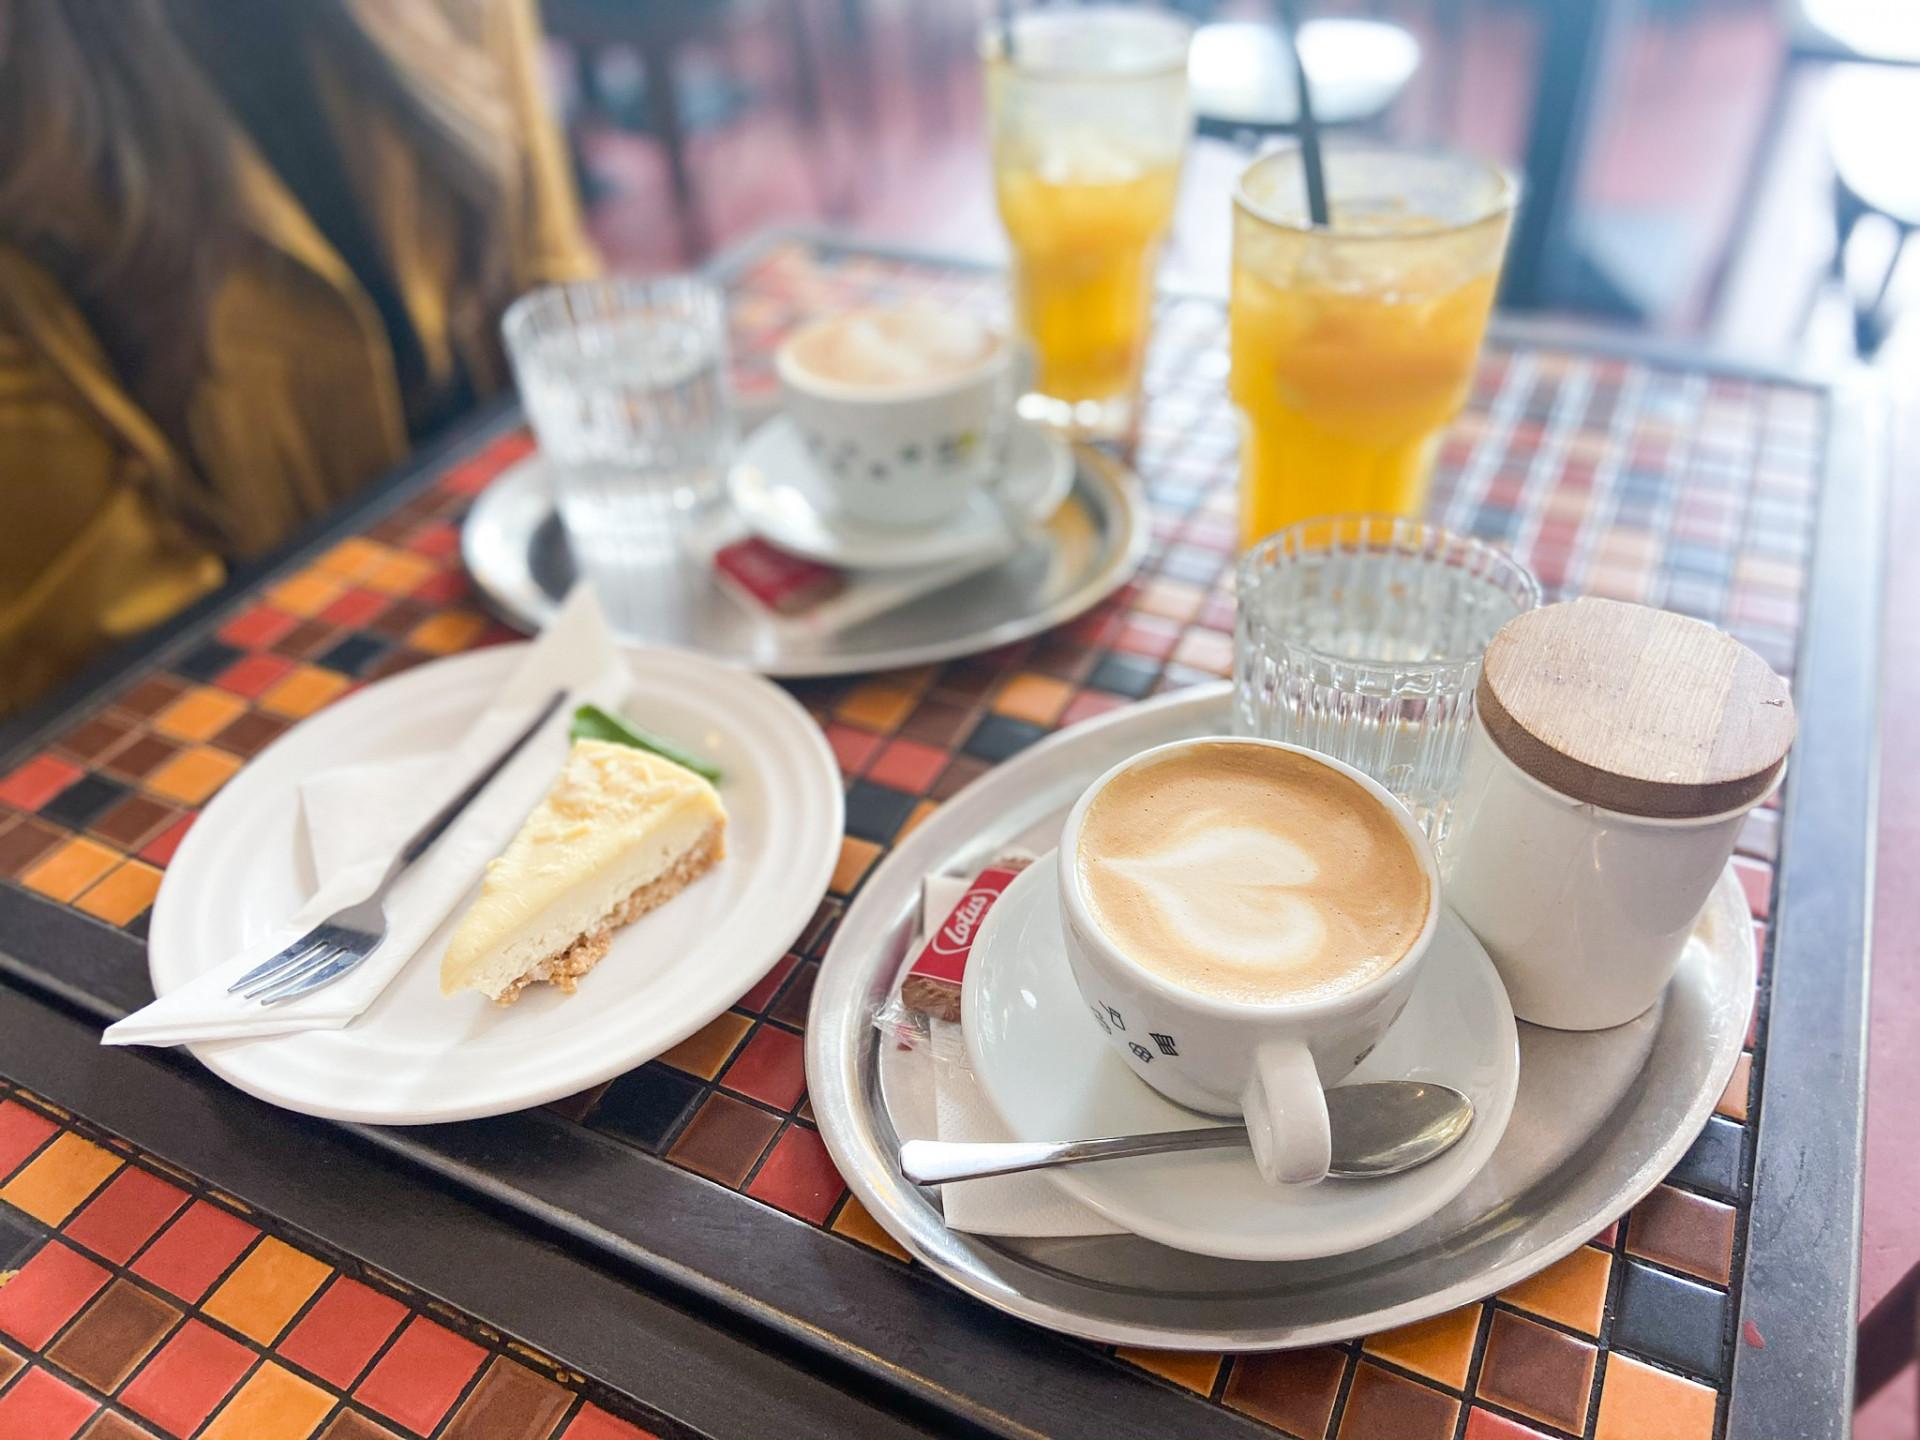 Navštívili jsme: Café Frida